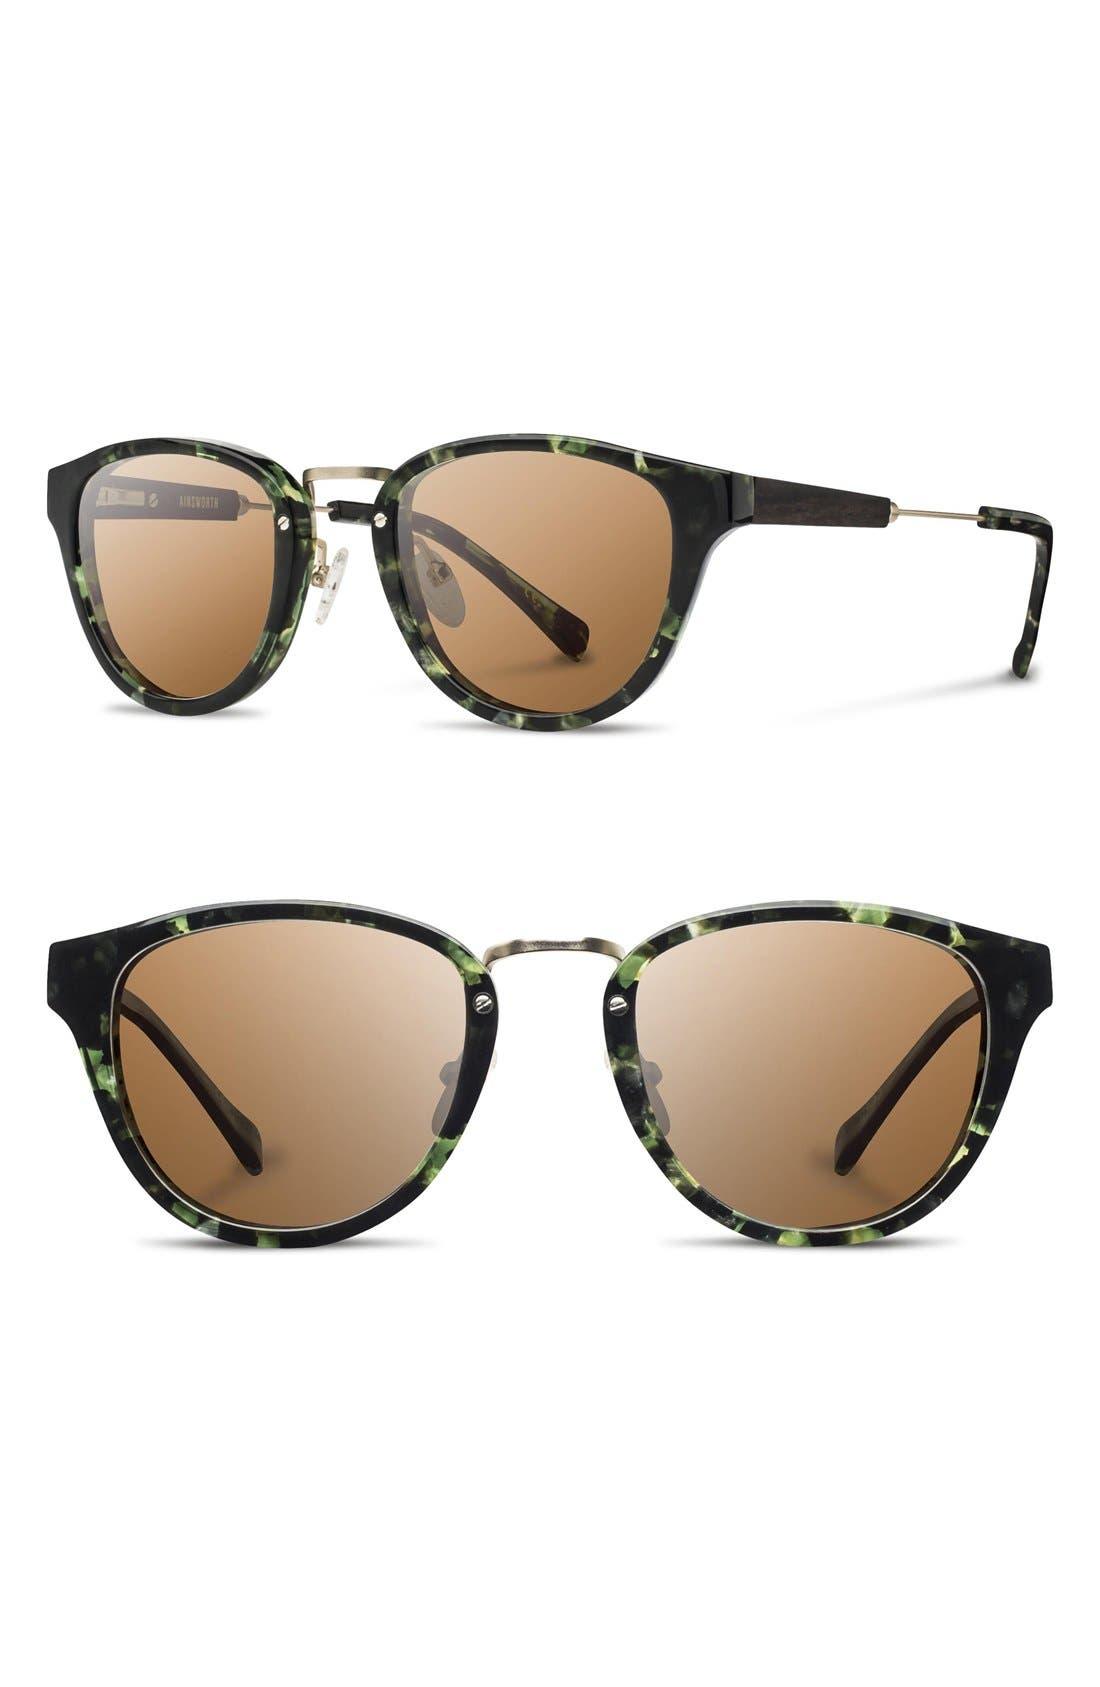 Main Image - Shwood 'Ainsworth' 49mm Polarized Sunglasses